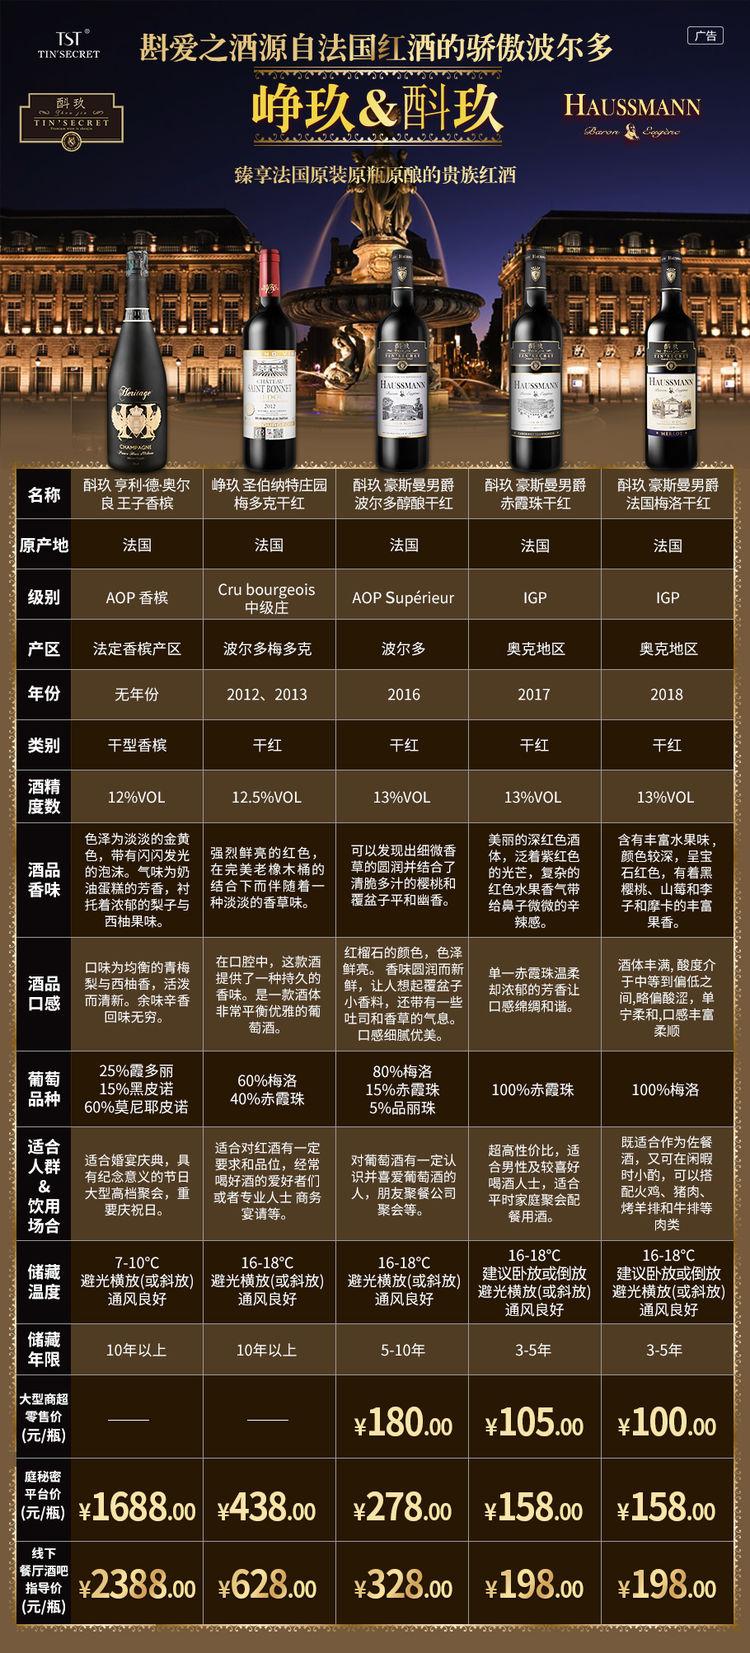 张庭护肤品TST庭秘密红酒系列拿货价目表